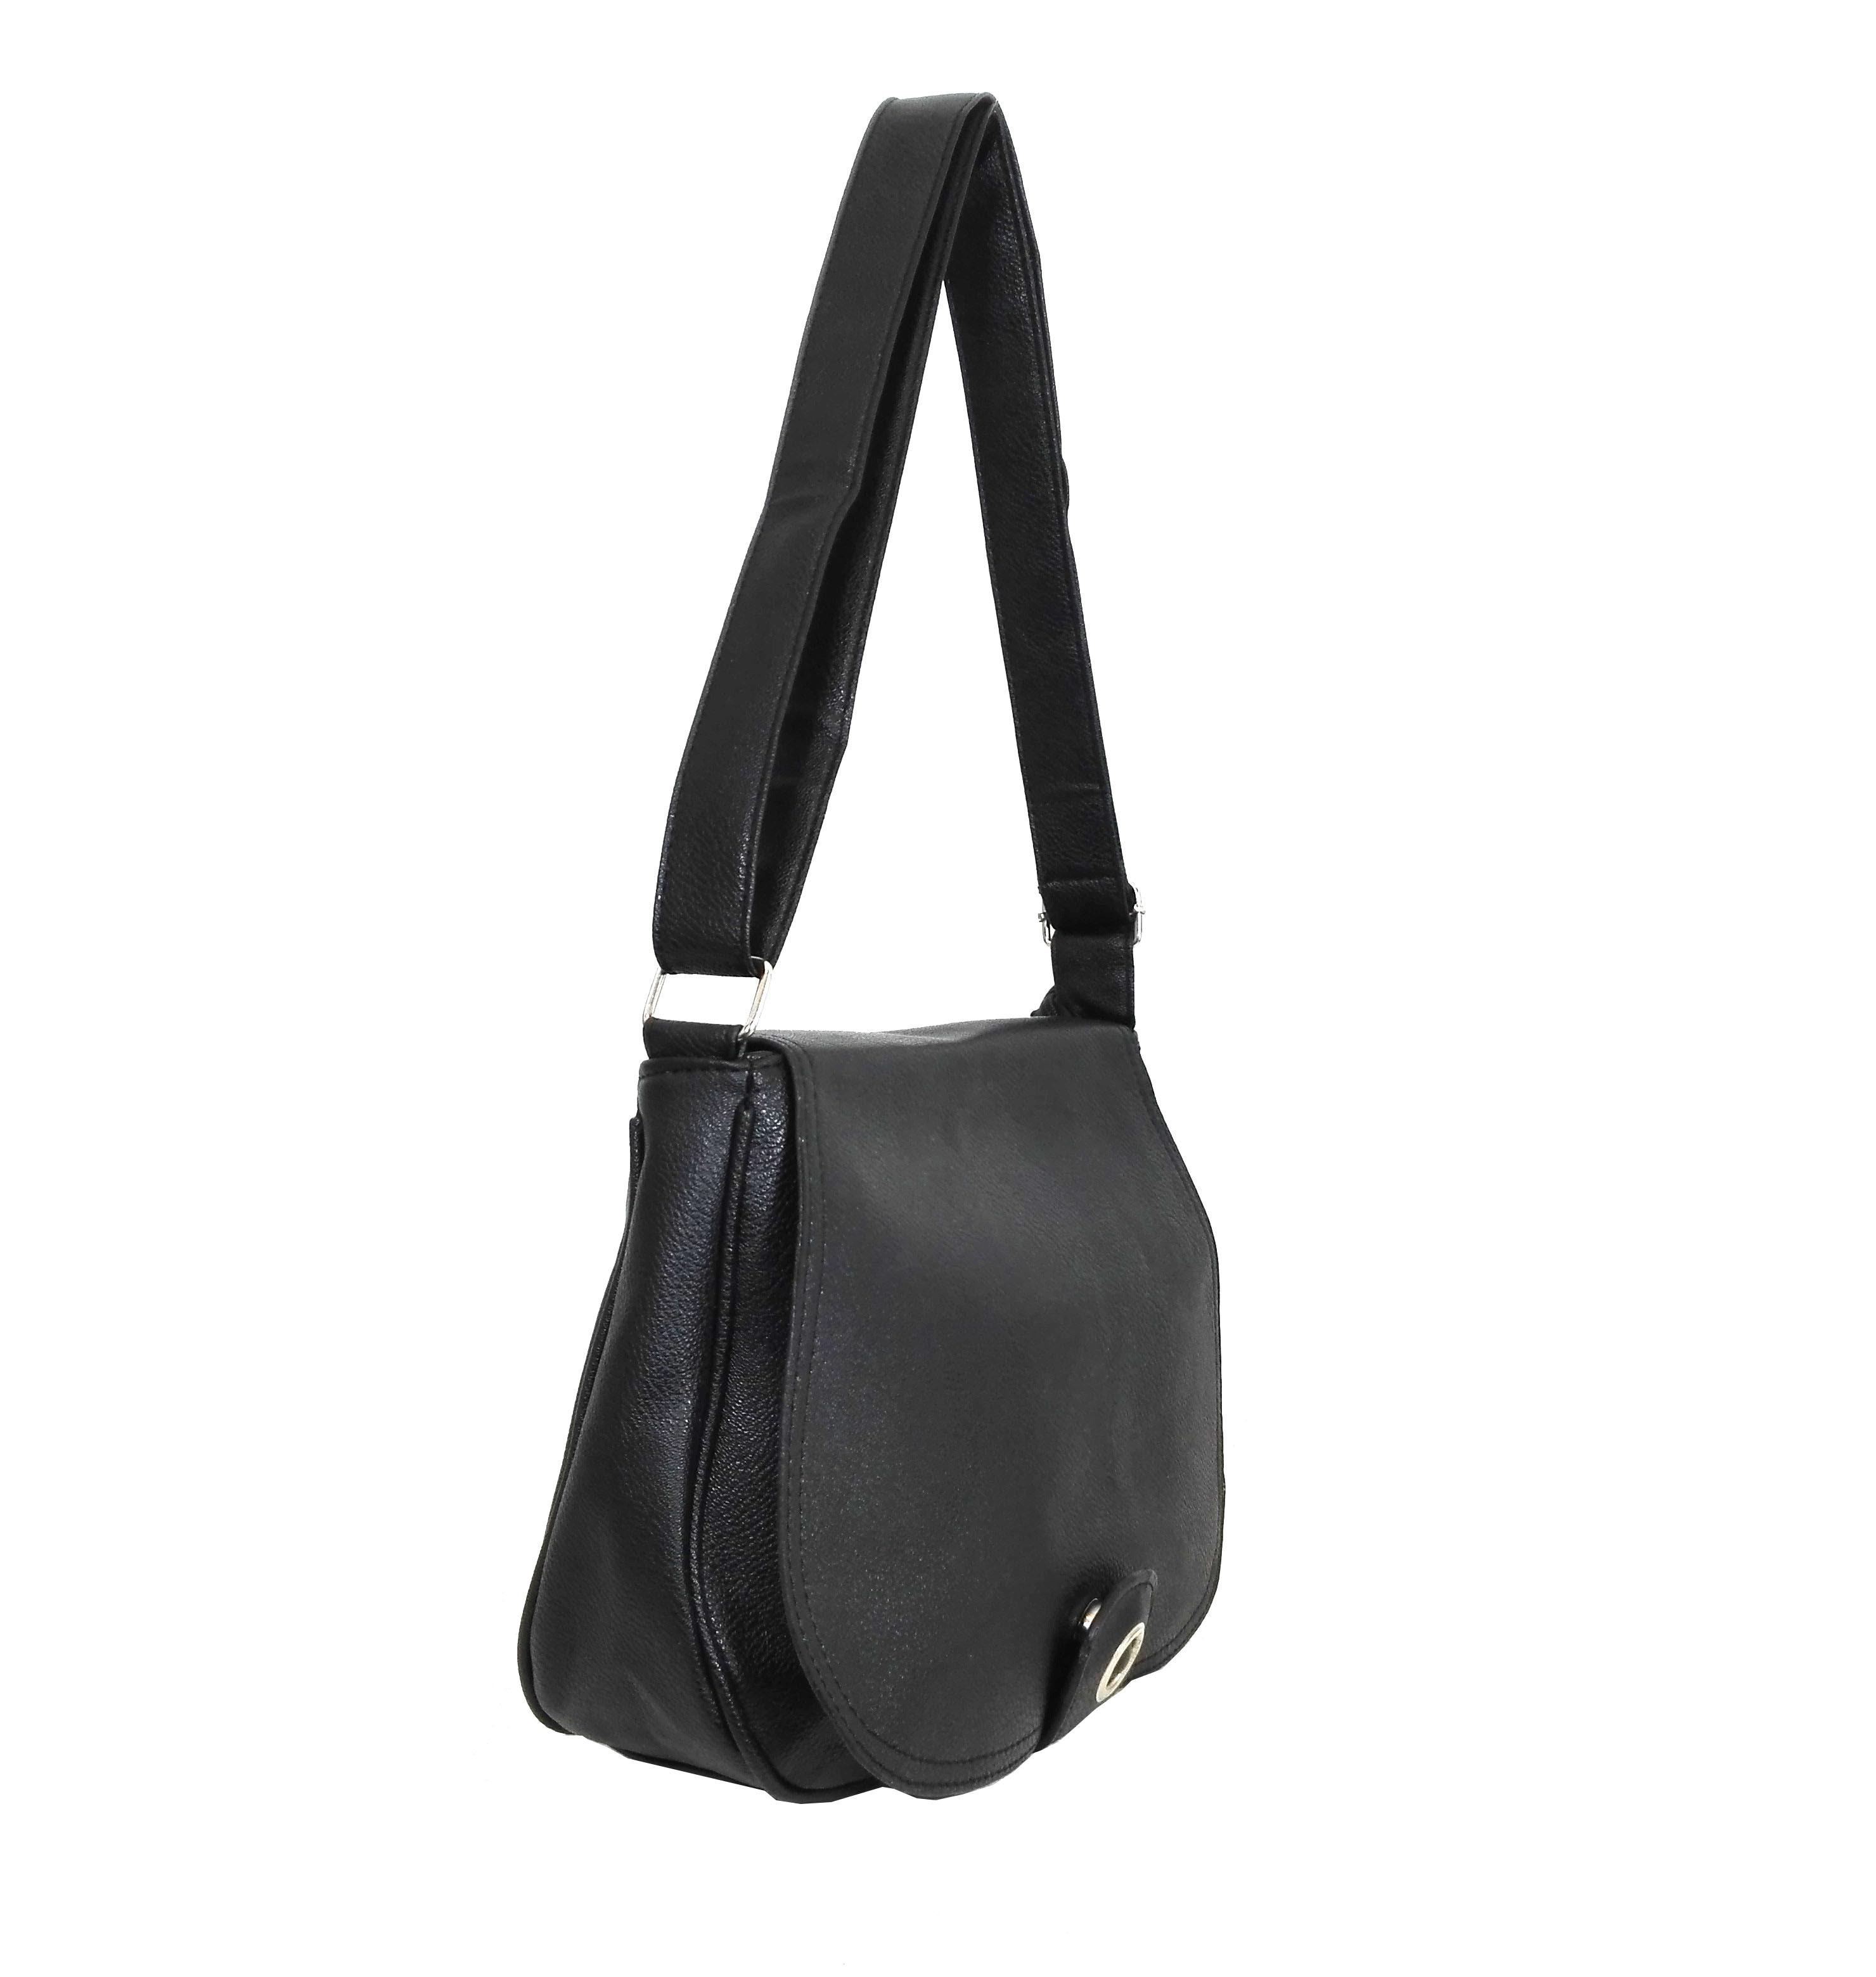 b3d06c4b3c7 Чанта Еврика 64-66 черна - EvrikaShop - Онлайн магазин за дамски ...